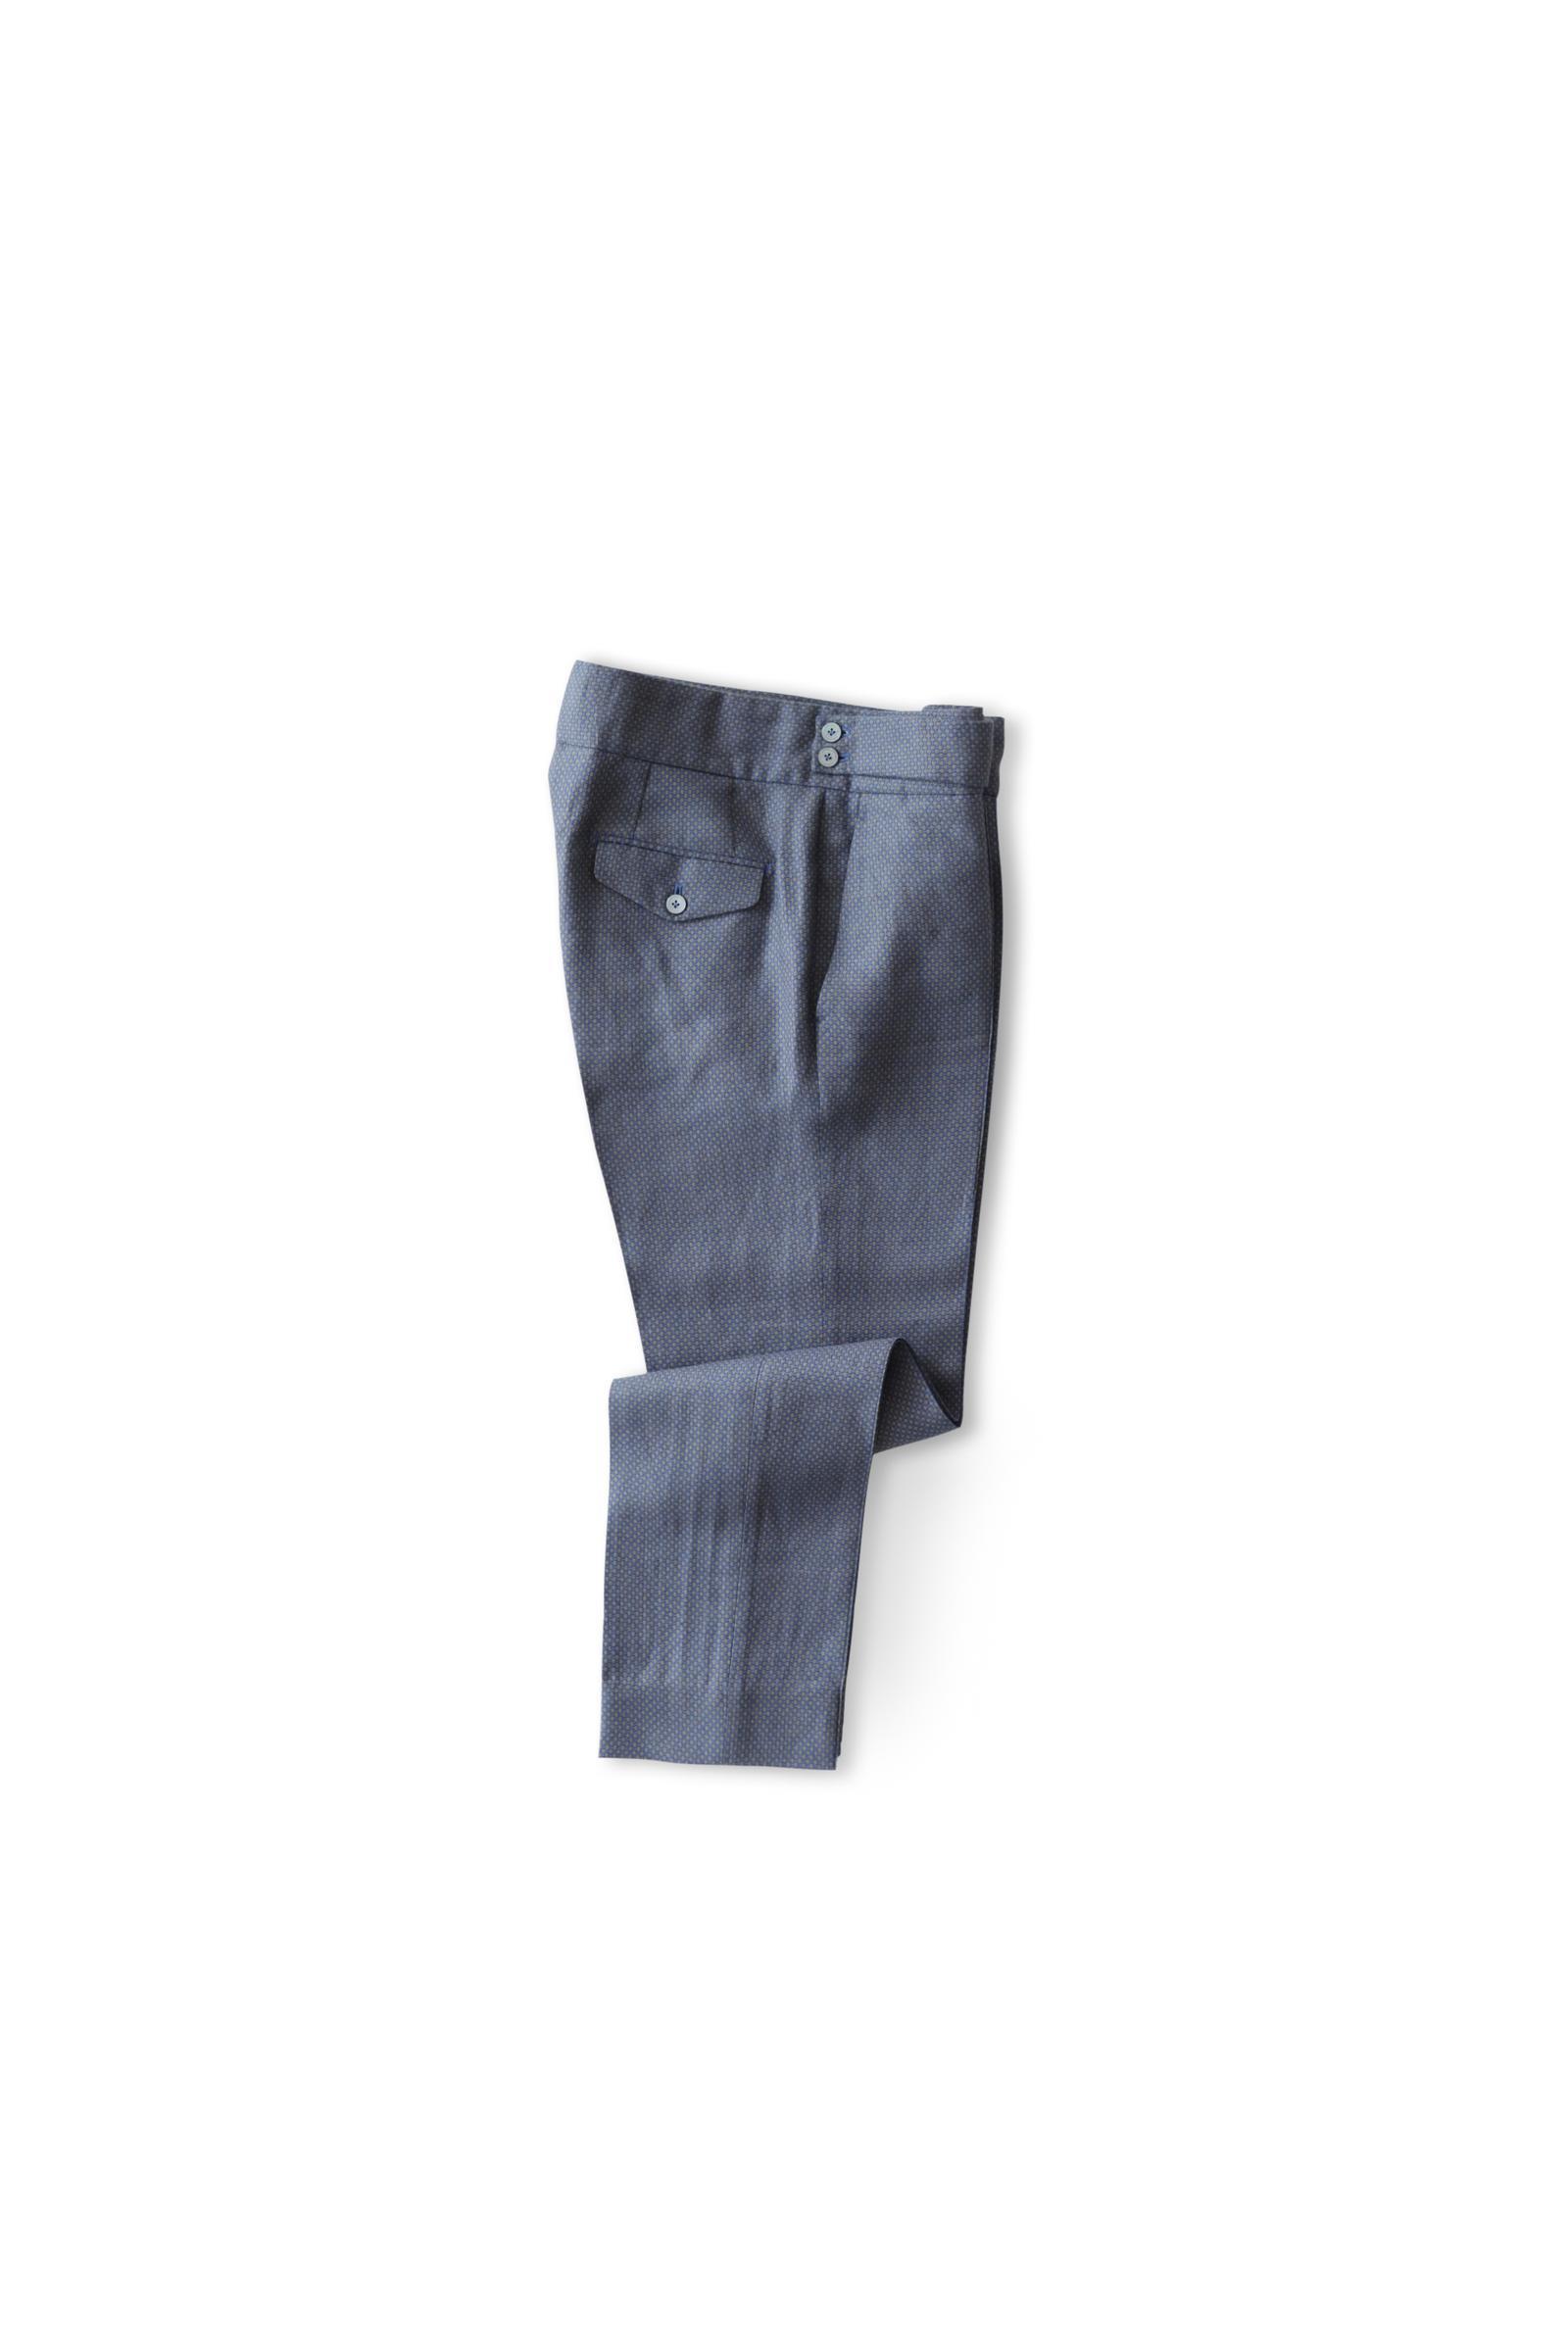 Bahadur Trouser - Textured Linen